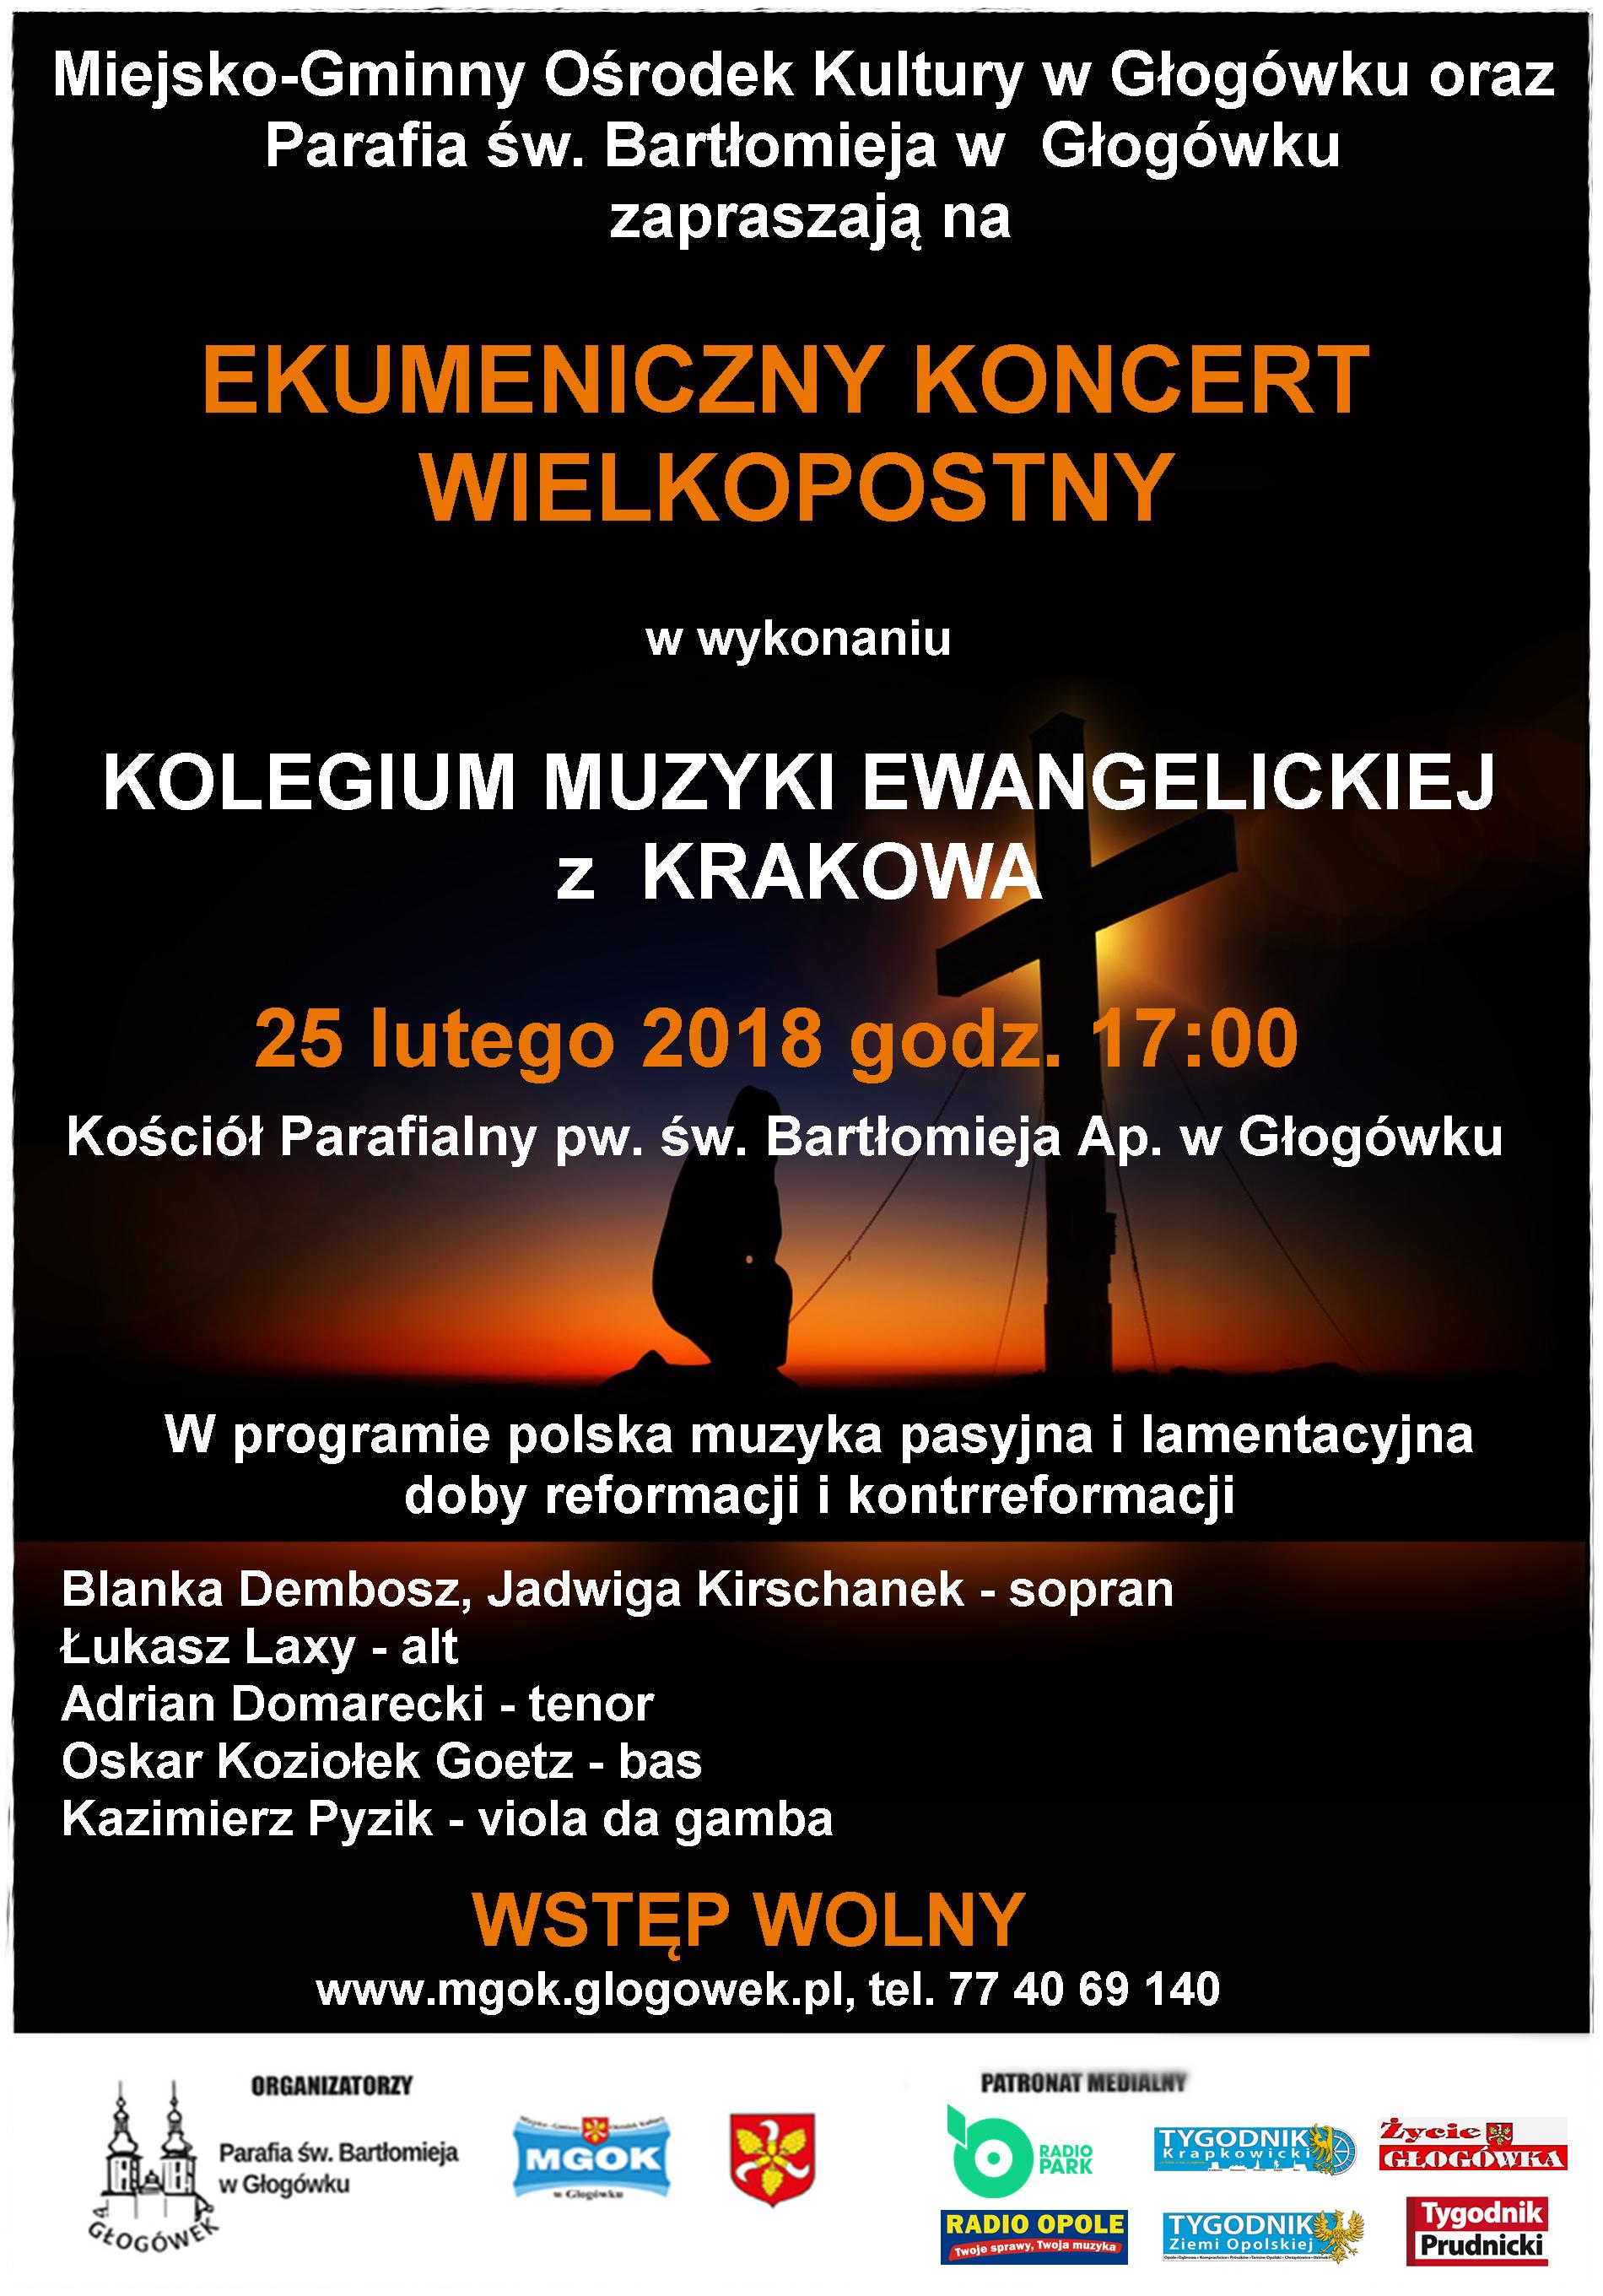 Plakat Ekumenicznego Koncertu Wielkopostnego w Głogówku [materiały organizatora]